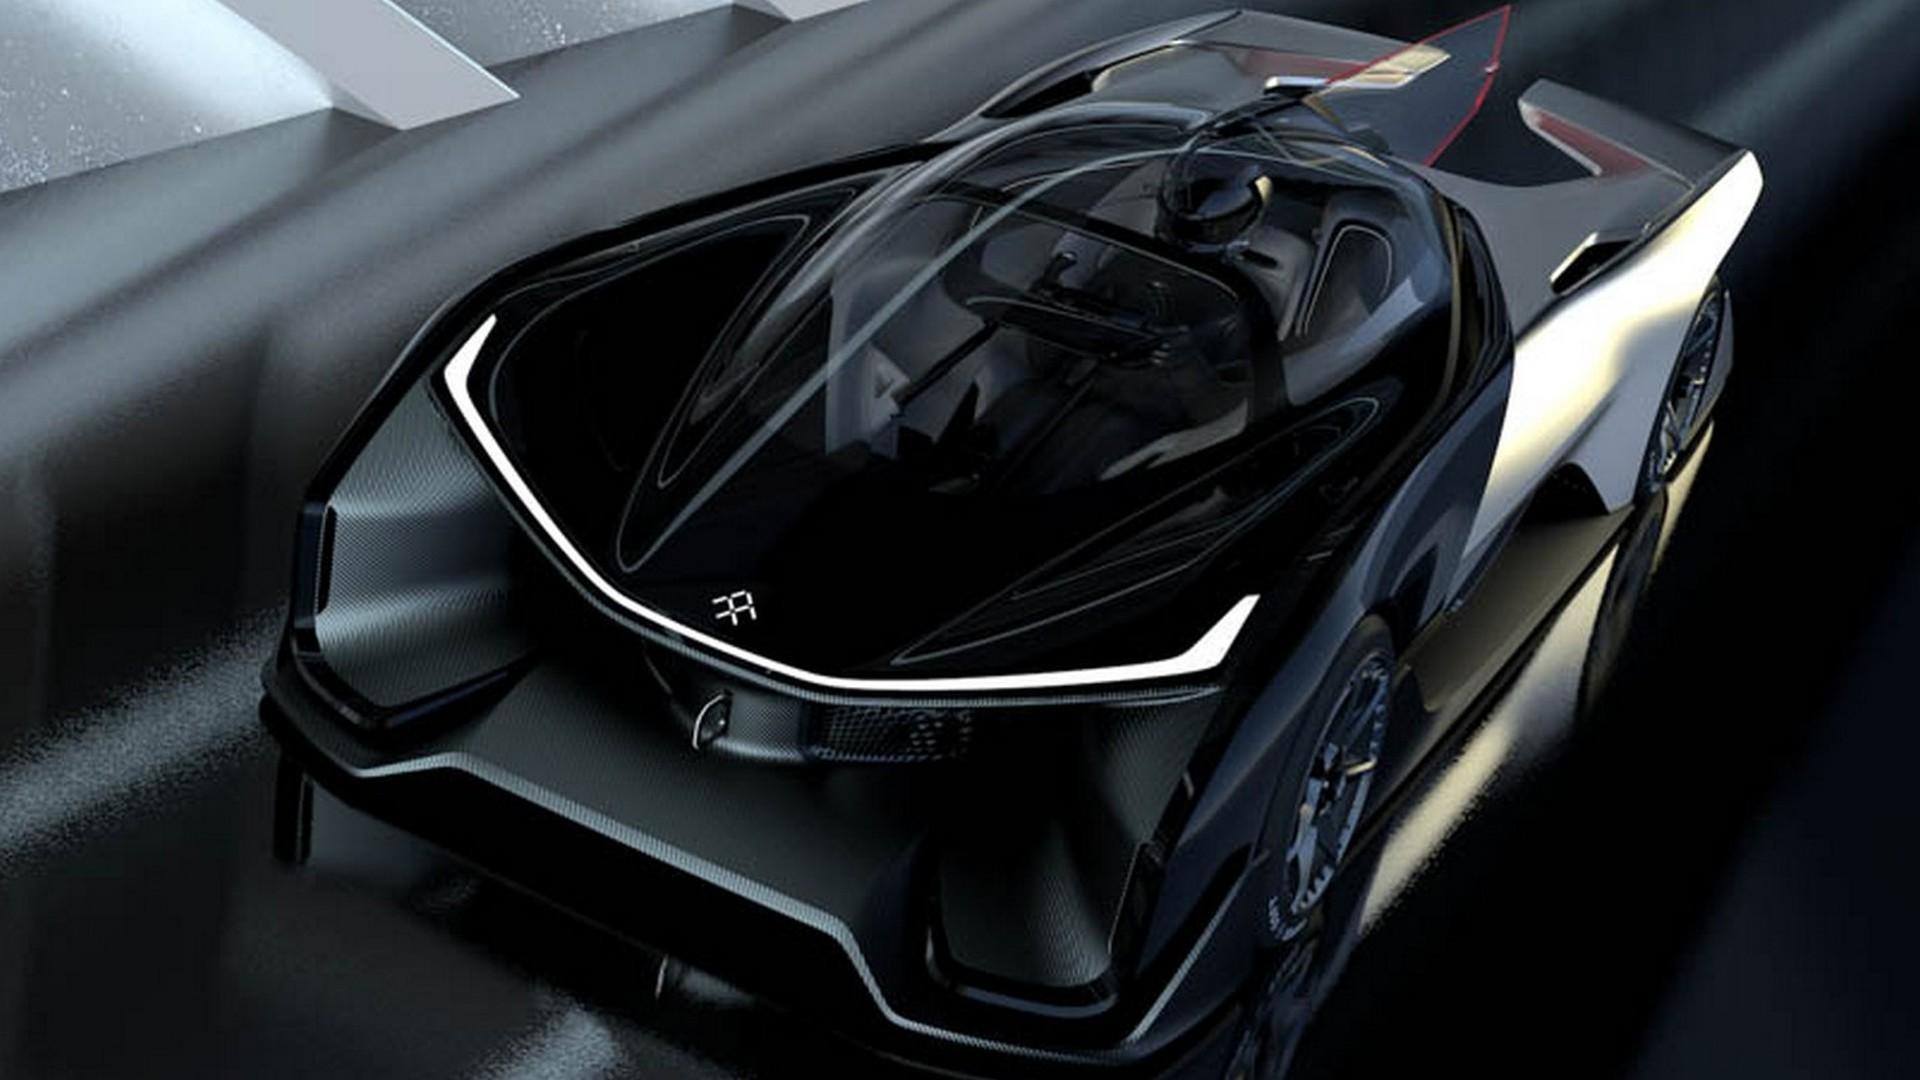 Faraday Future FFZERO1 electric concept has 1,000+ hp [videos]